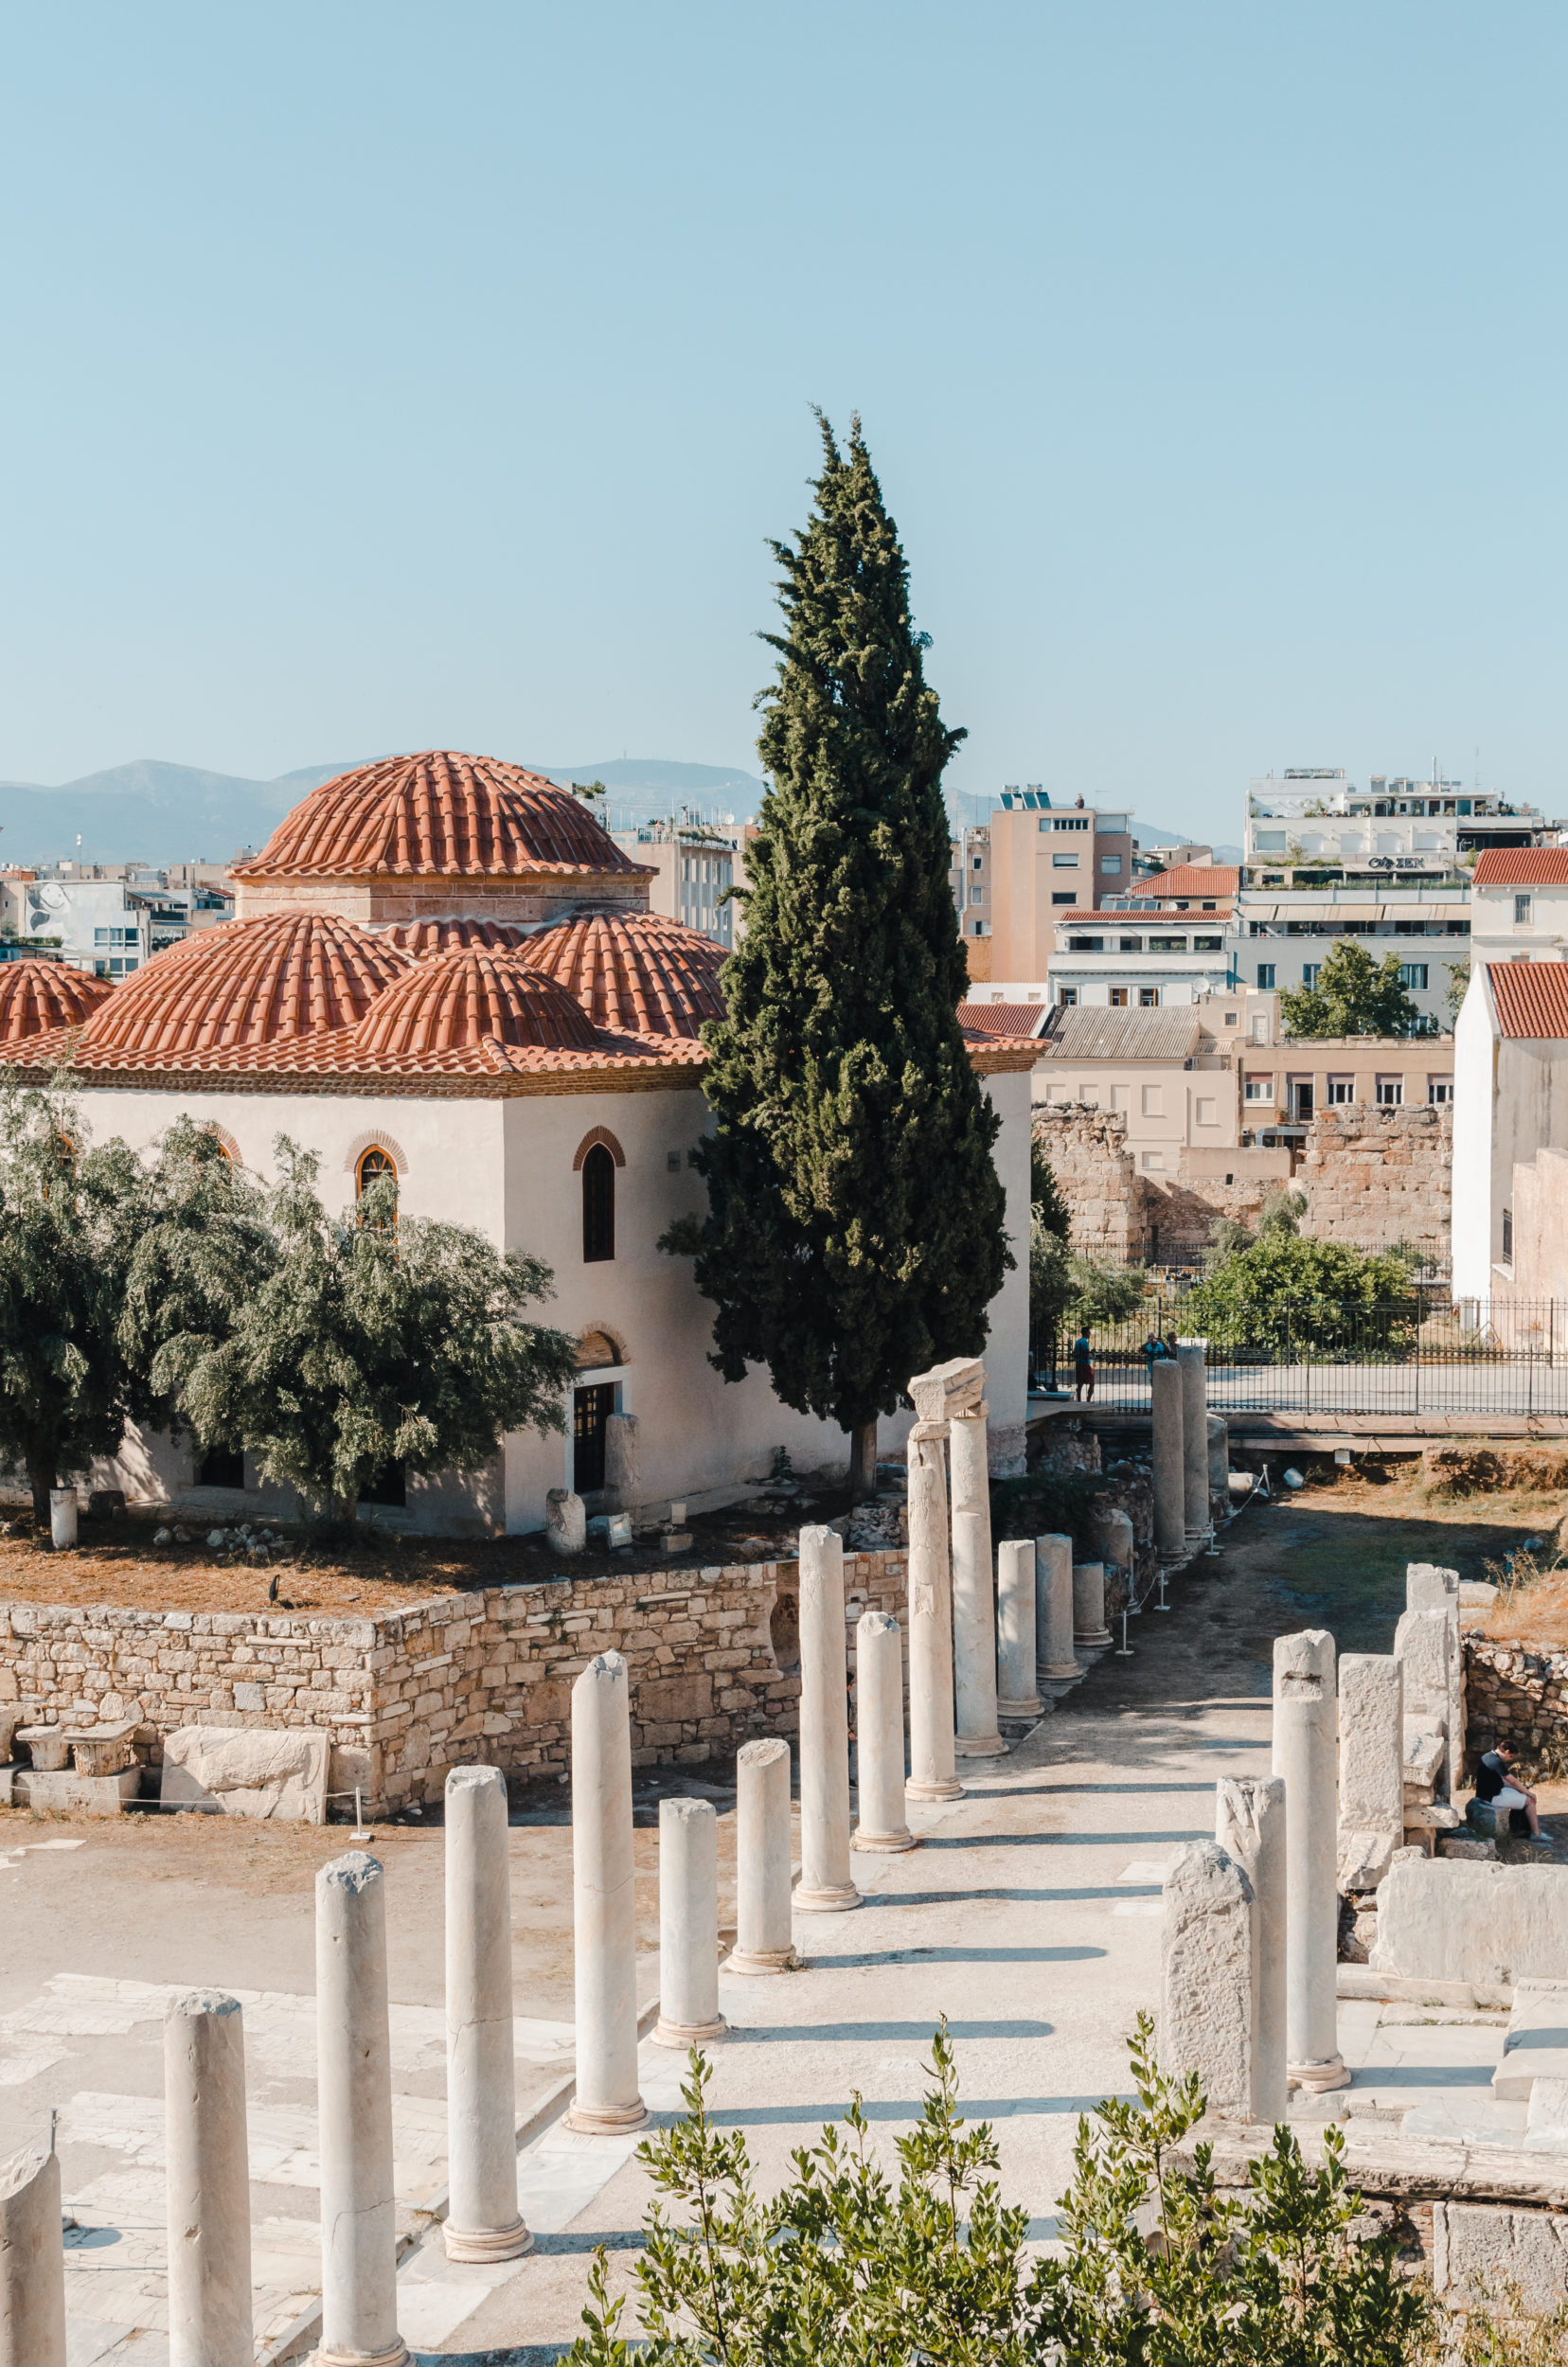 Roman Agora in Athens, Greece